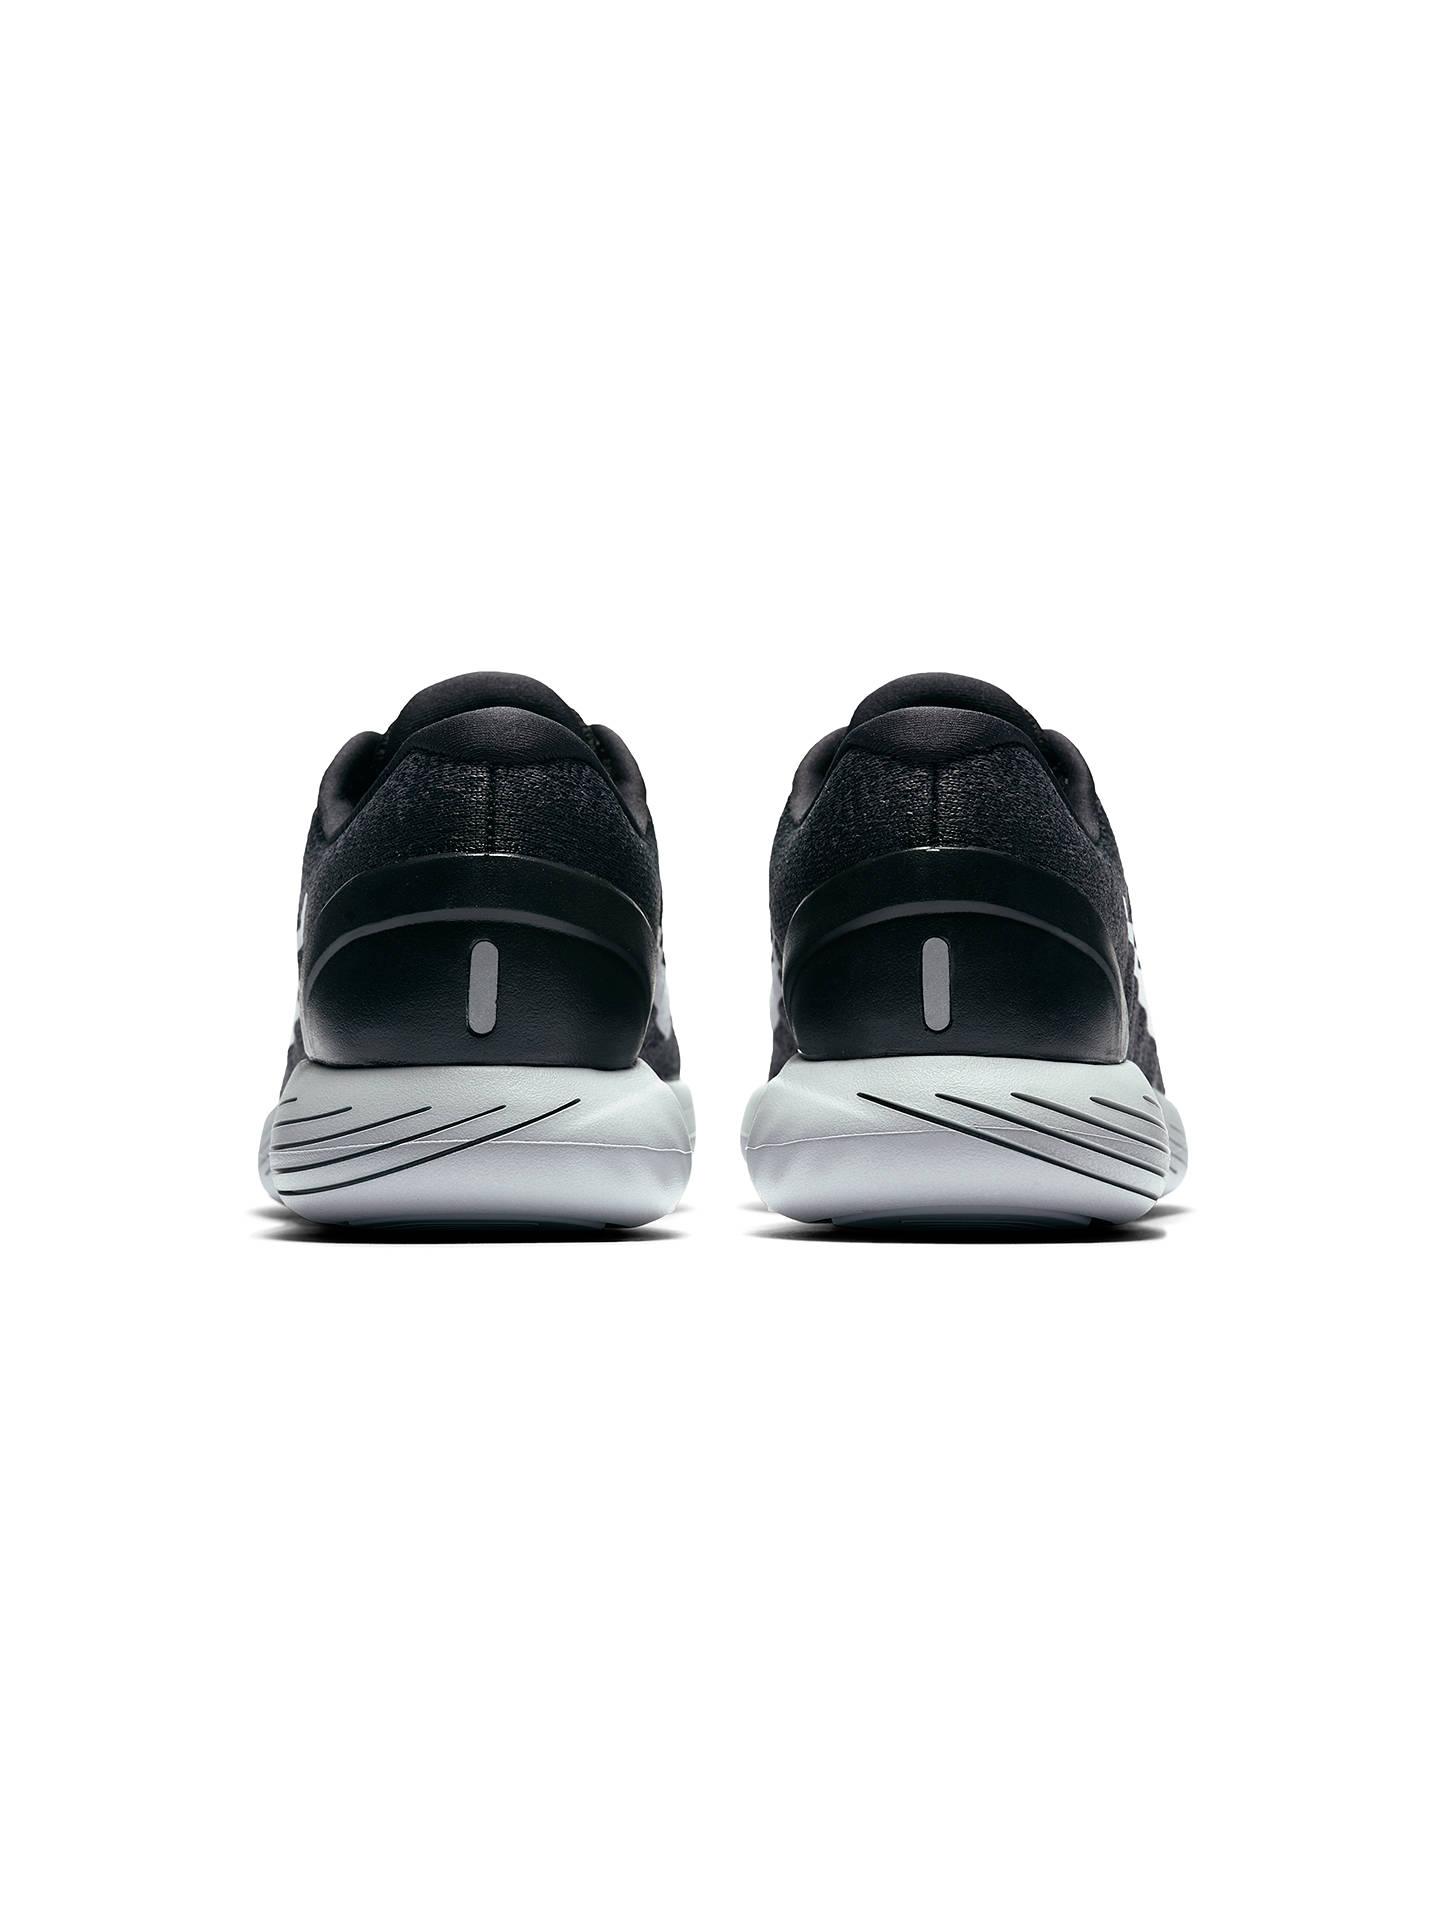 Nike LunarGlide 9 Women s Running Shoes at John Lewis   Partners 3bae77c1f